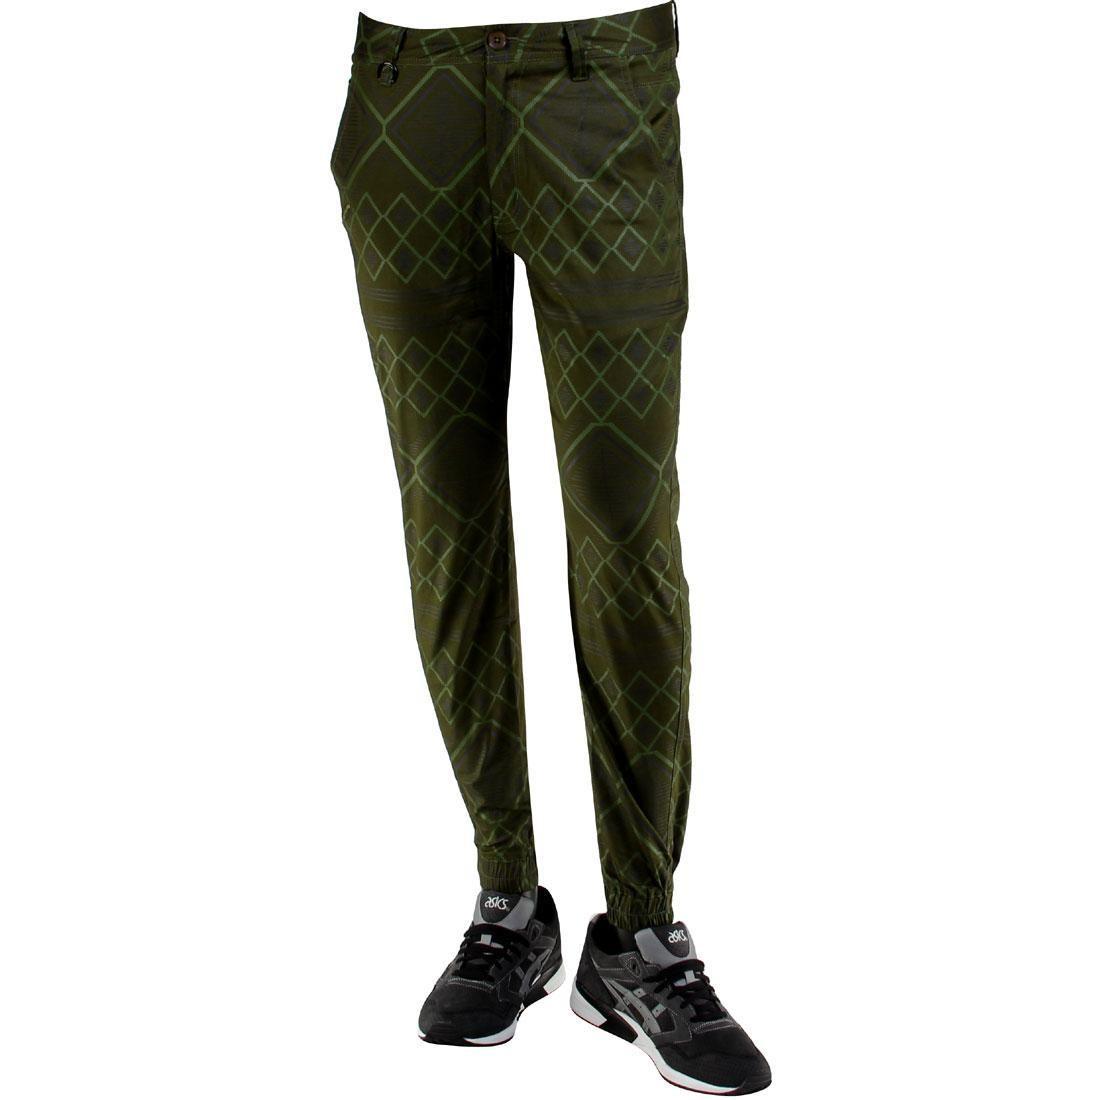 【海外限定】パブリッシュ ズボン メンズファッション 【 PUBLISH PITKIN NAVAJO INSPIRED PRINT JOGGER PANTS OLIVE 】